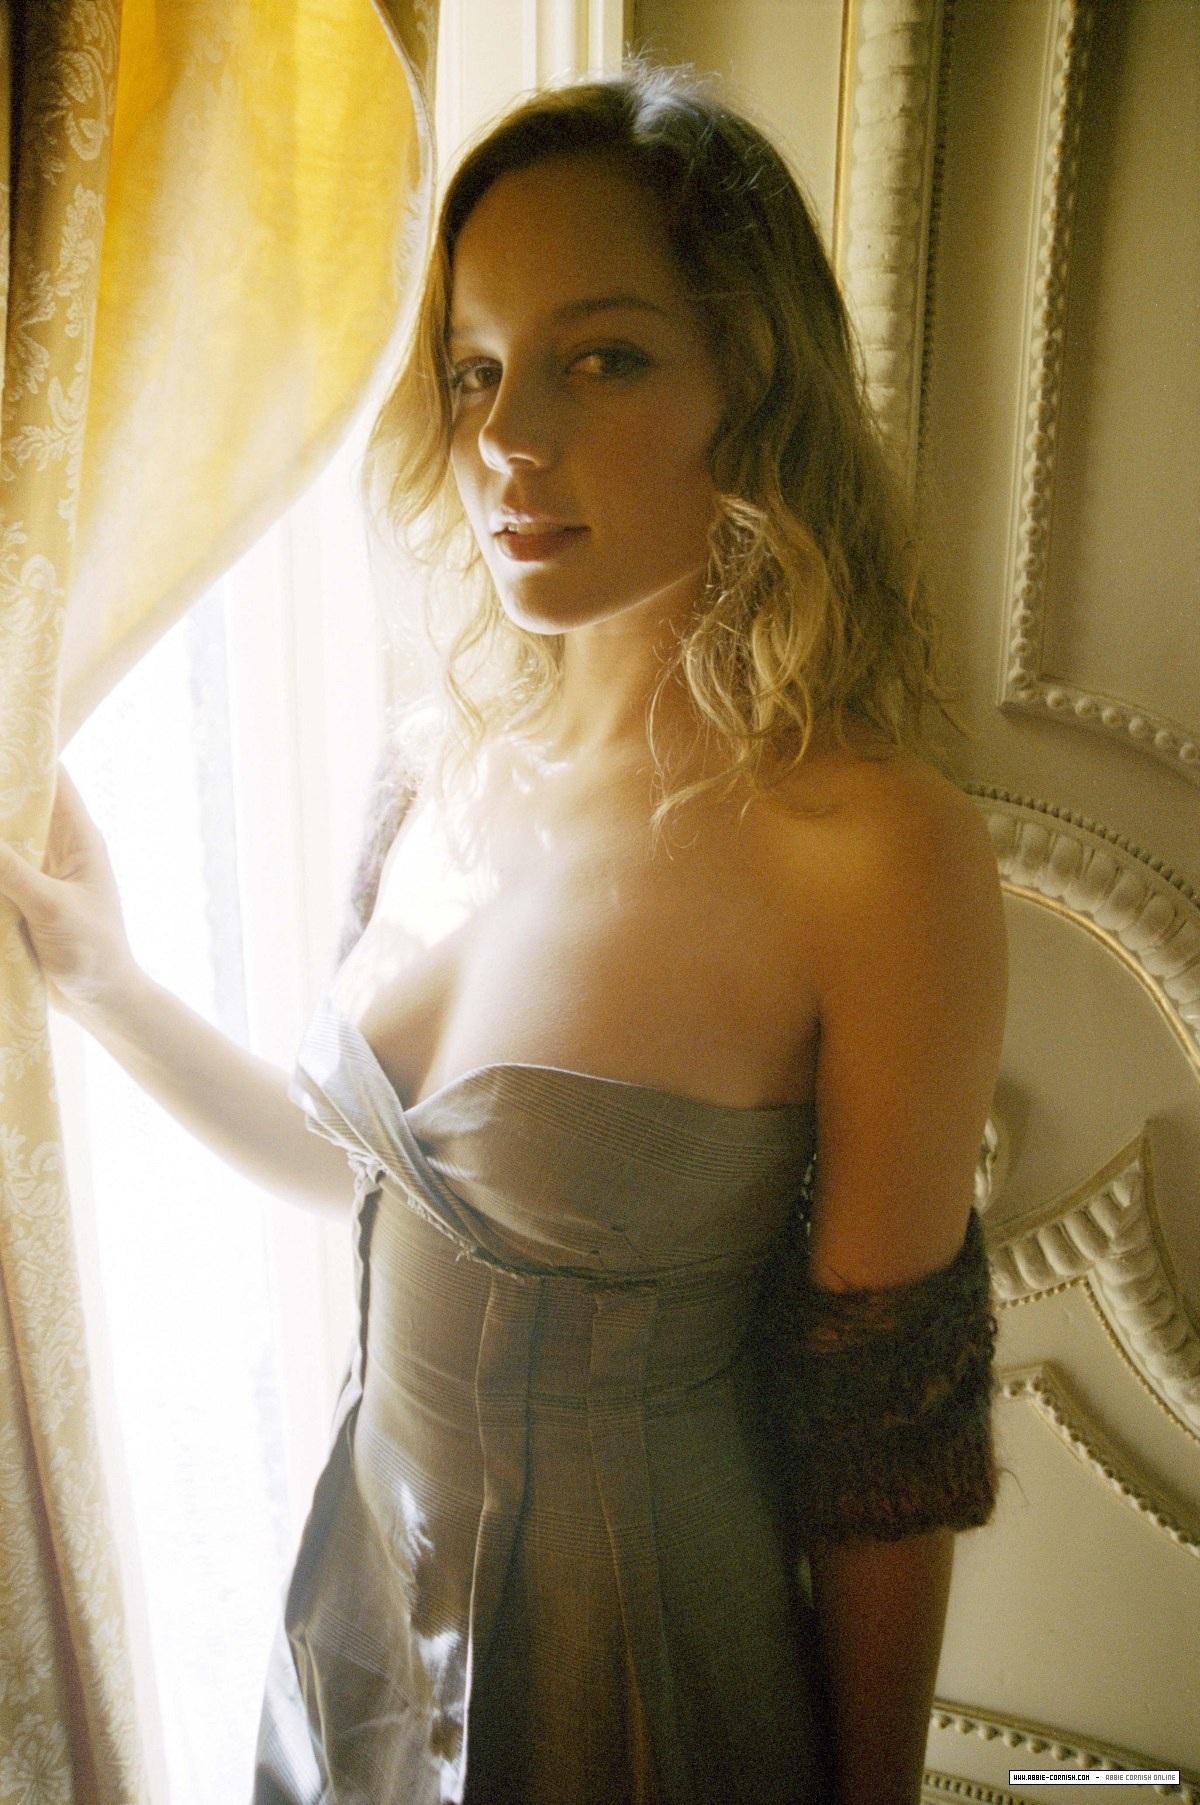 Ass Melinda Sward nudes (76 foto) Sexy, iCloud, in bikini